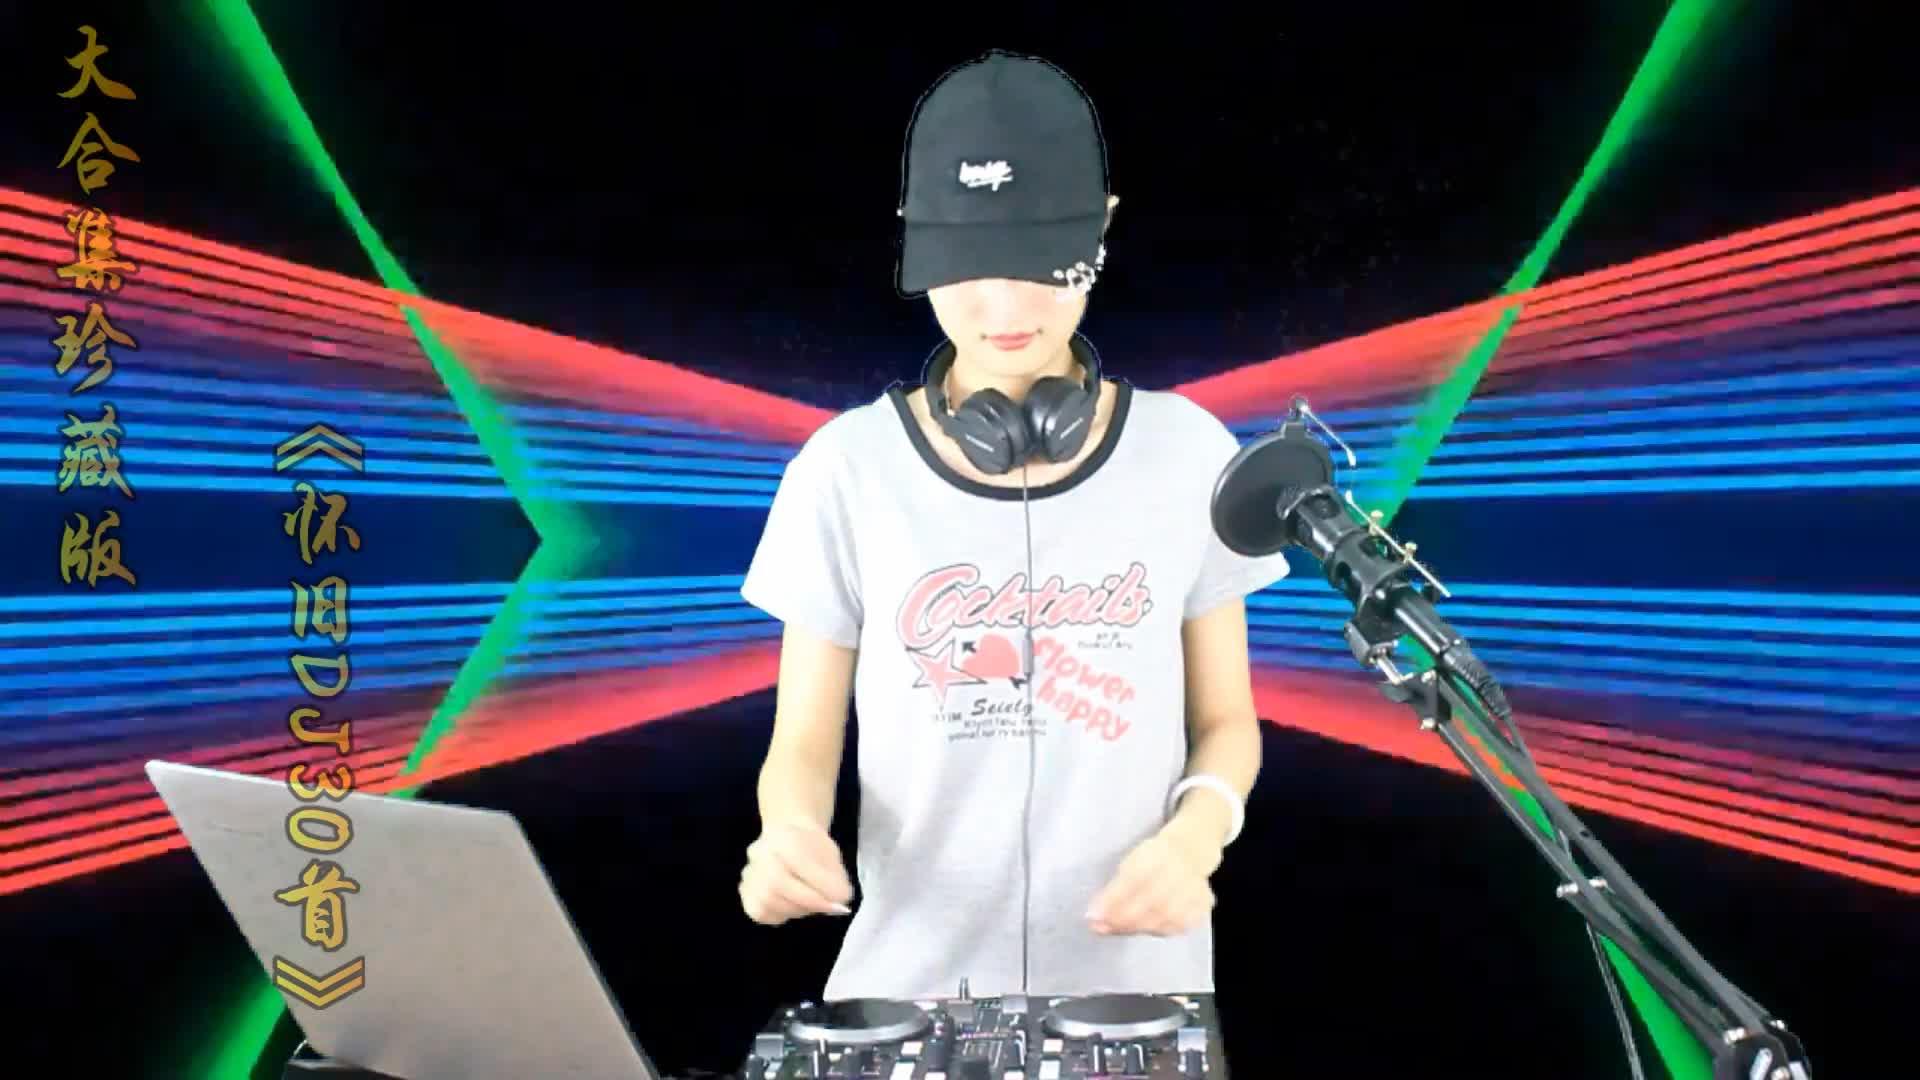 一路狂飙,《怀旧DJ30首》大合集珍藏版!